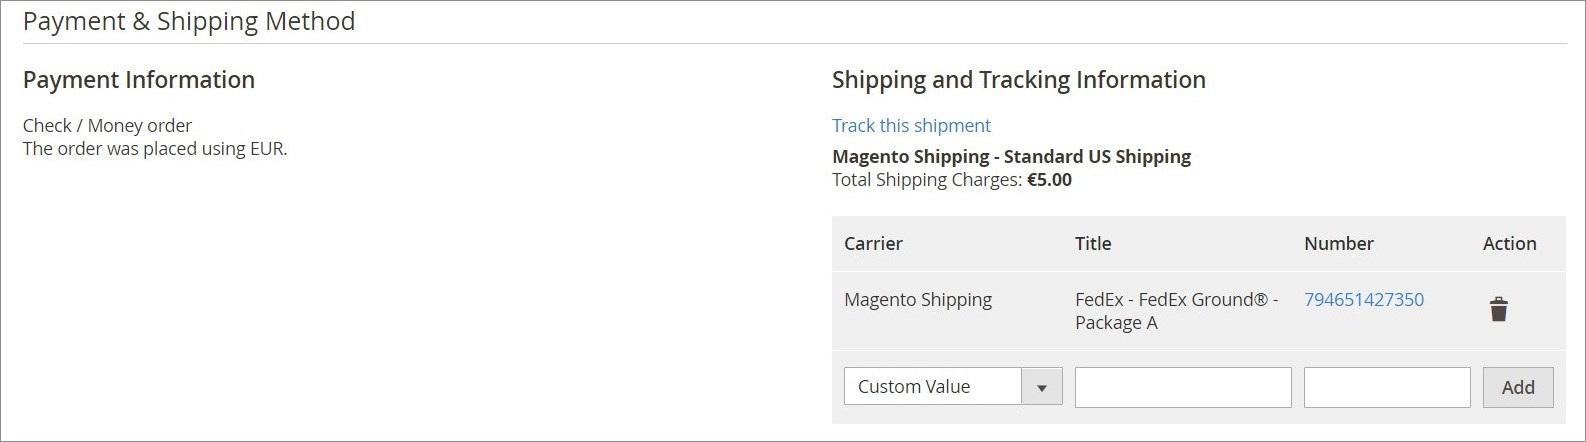 إنشاء شحنة (Creating a Shipment) فى متجر ماجنتو 2